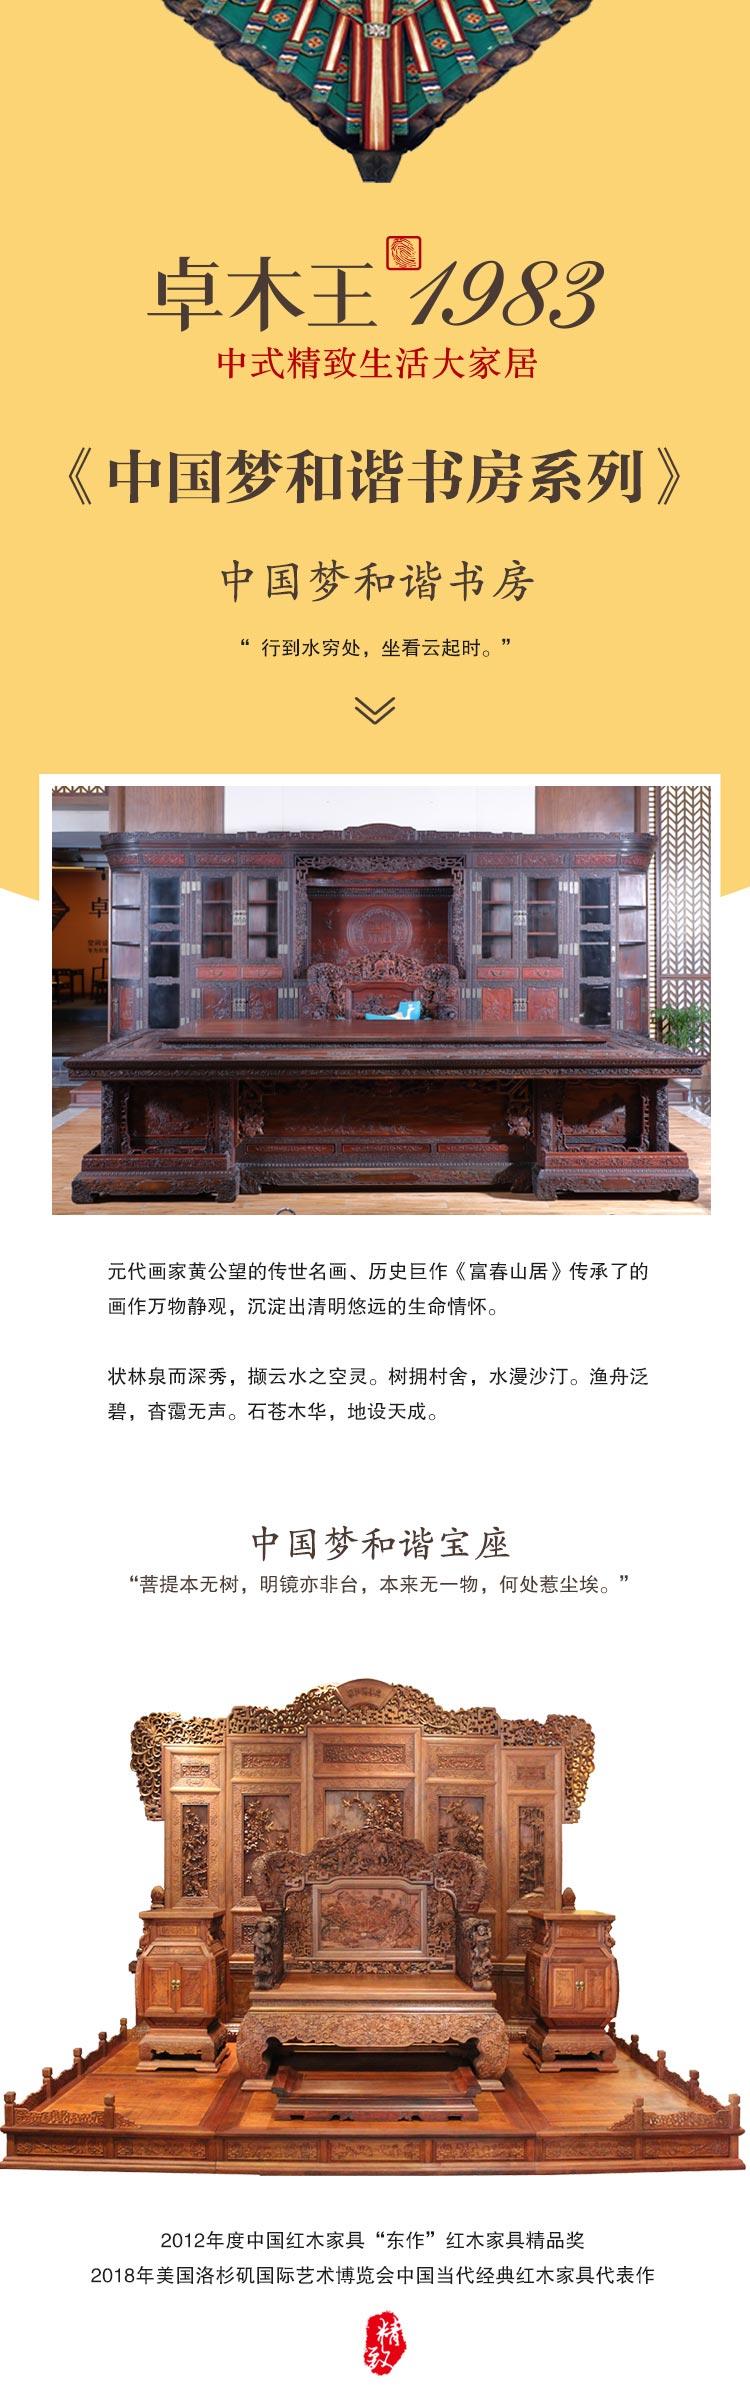 卓木王腾讯产品介绍中国梦和谐书房系列-1.jpg